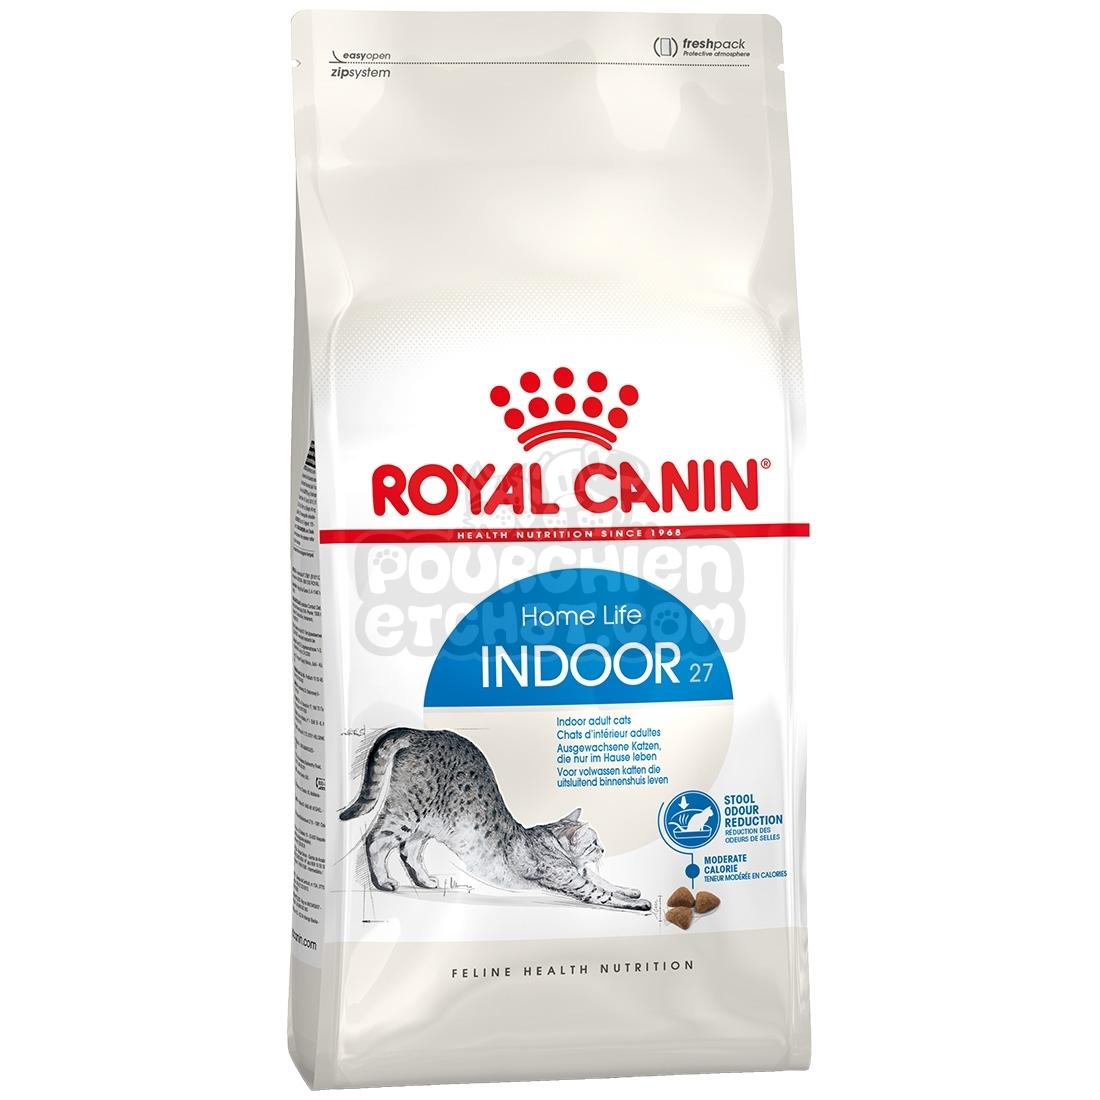 royal canin indoor 27 adult. Black Bedroom Furniture Sets. Home Design Ideas